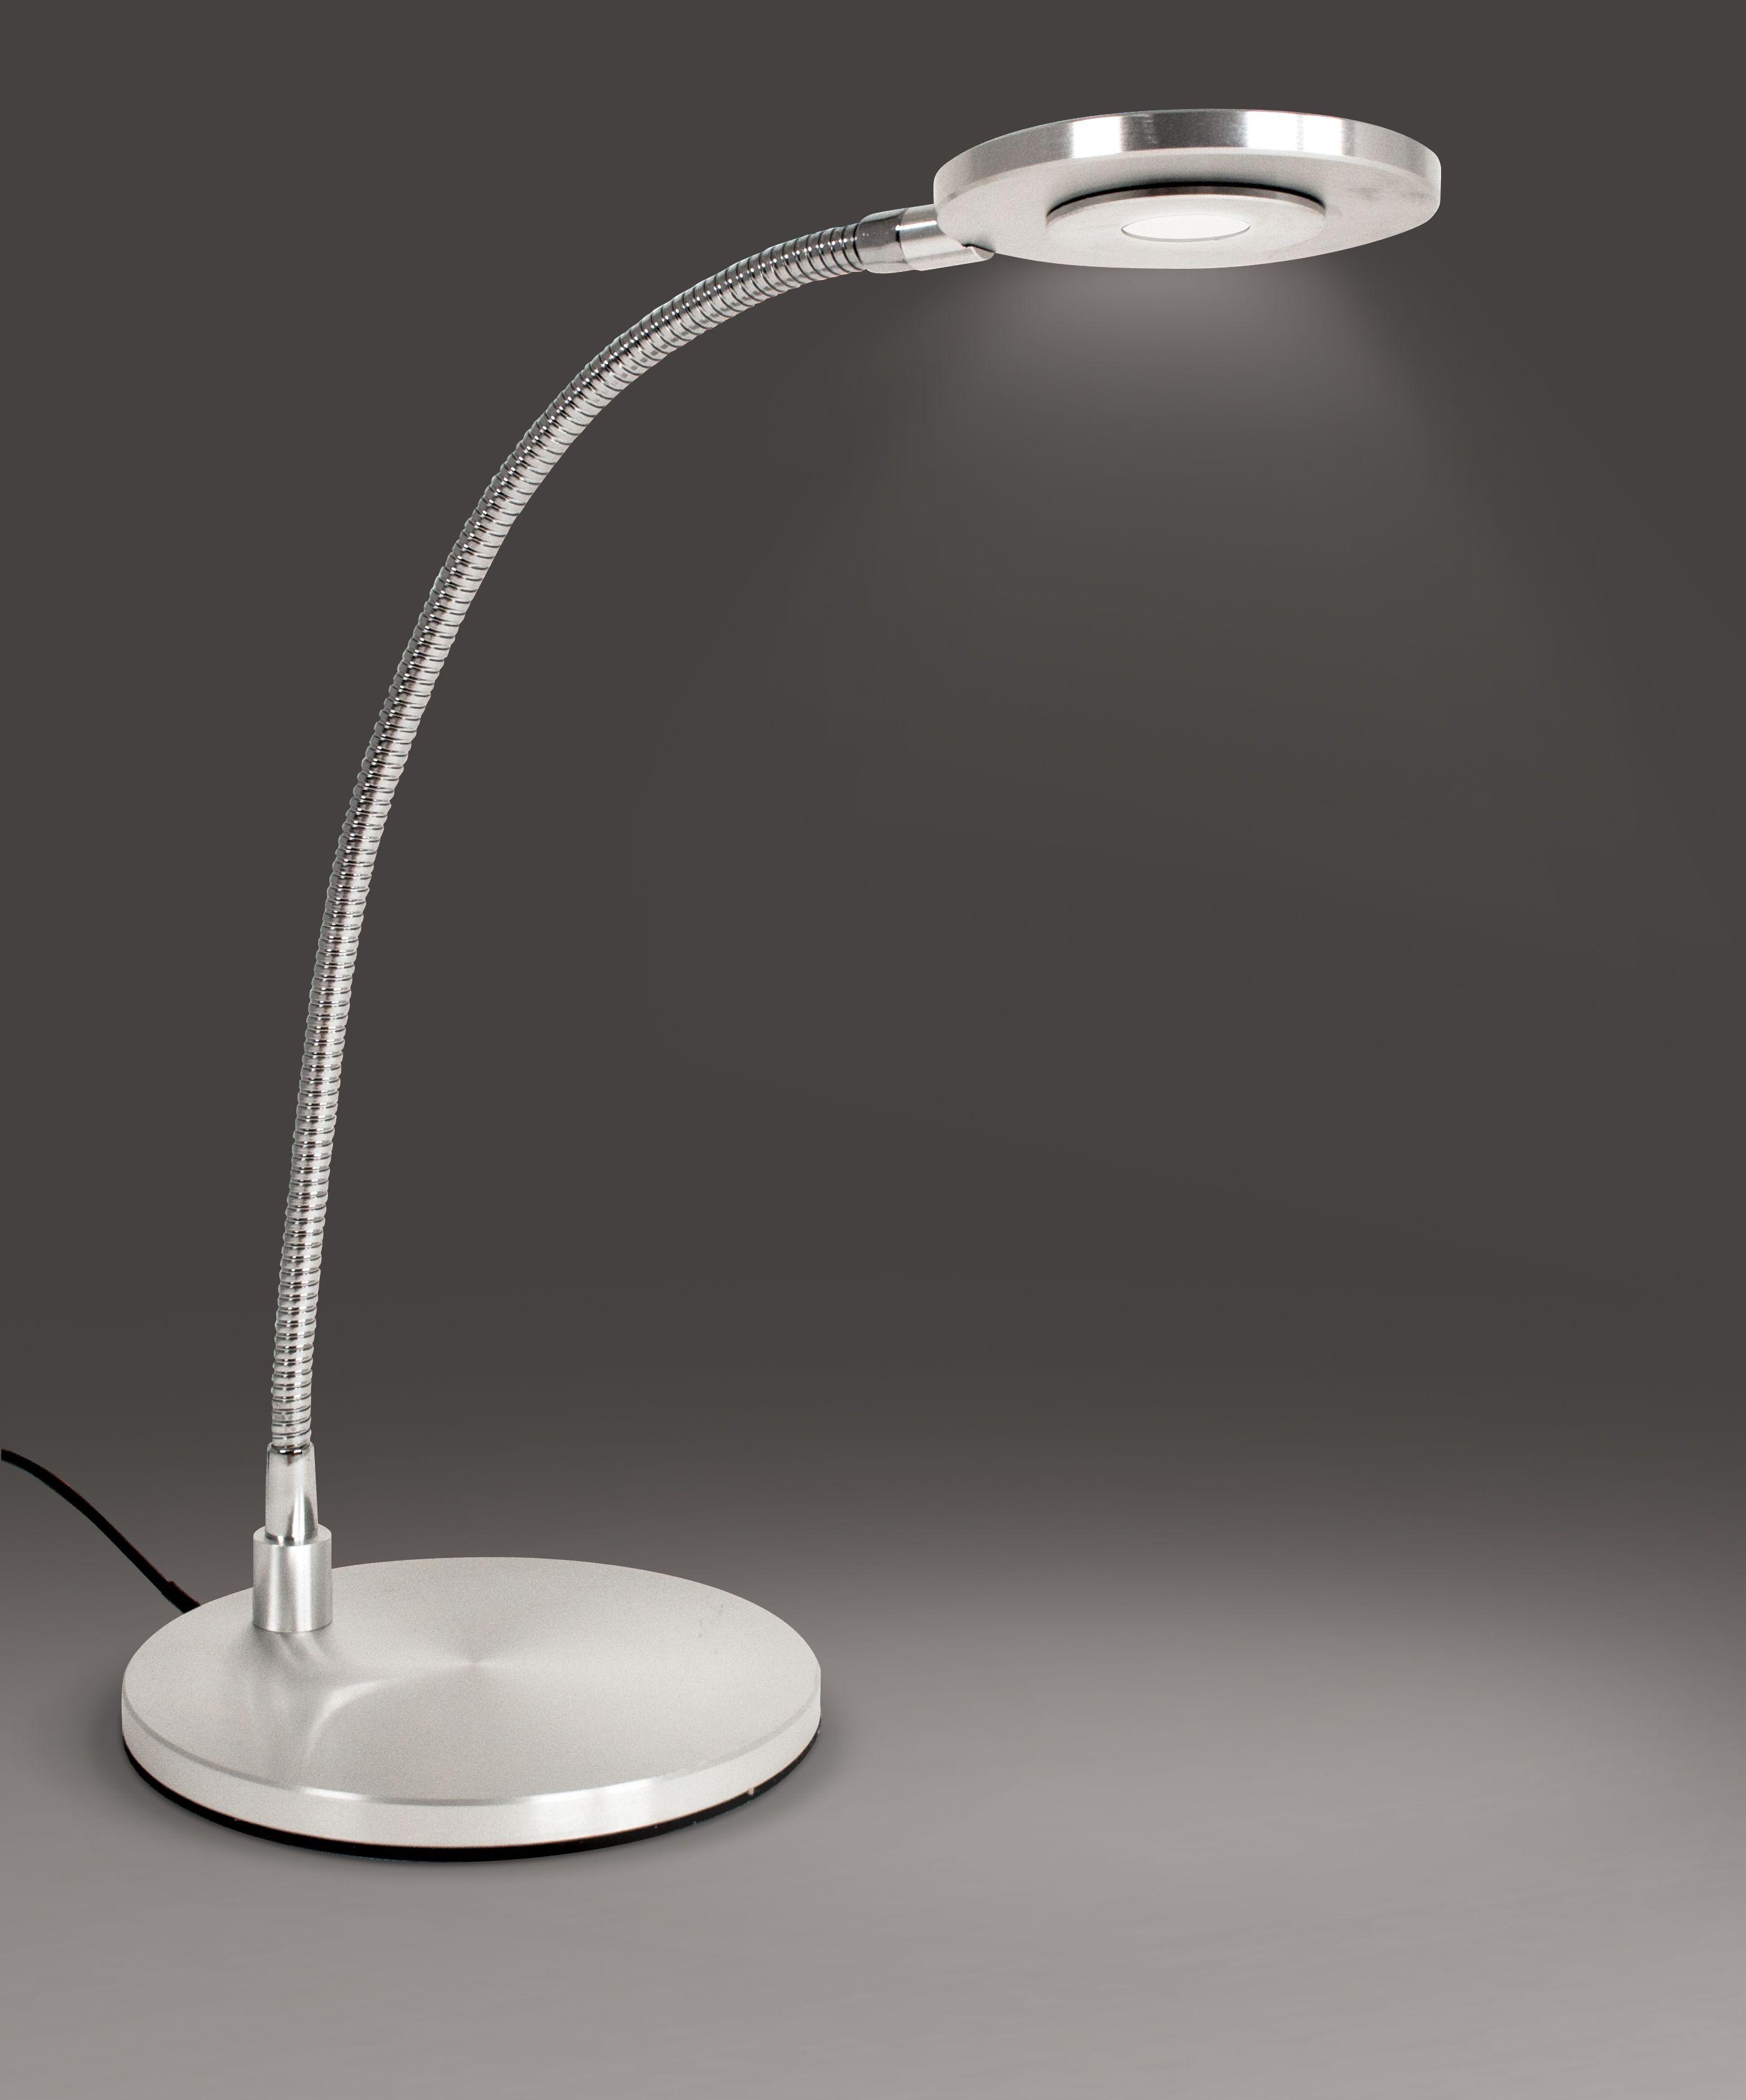 Unique Office Desk Lamps